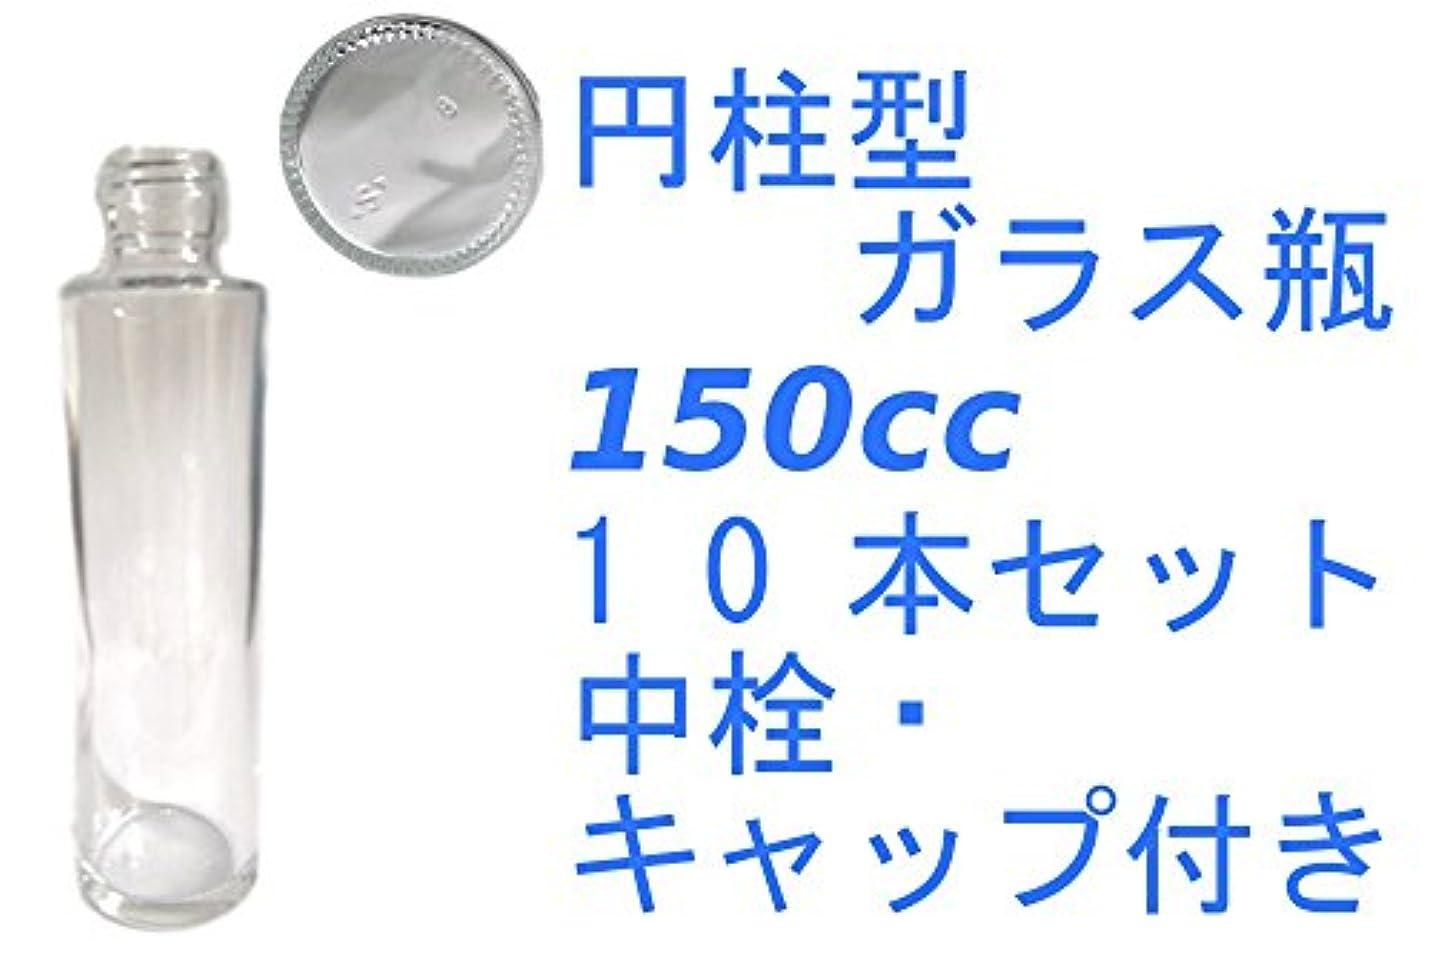 起業家弓アパート(ジャストユーズ)JustU's 日本製 ポリ栓 中栓付き円柱型ガラス瓶 10本セット 150cc 150ml アロマディフューザー ハーバリウム 調味料 オイル タレ ドレッシング瓶 B10-SSS150A-S